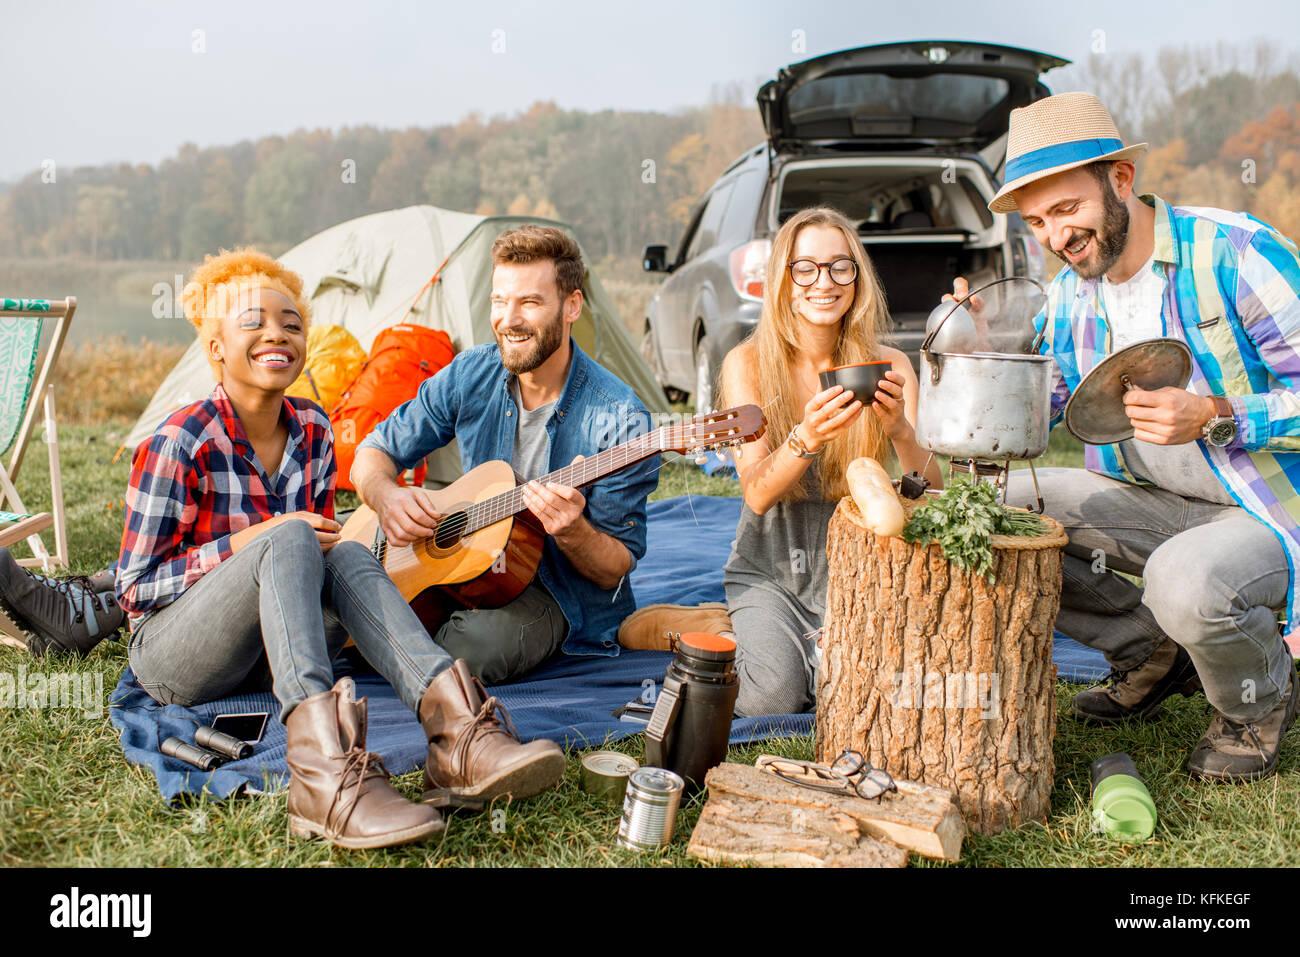 Amigos durante la recreación al aire libre Imagen De Stock